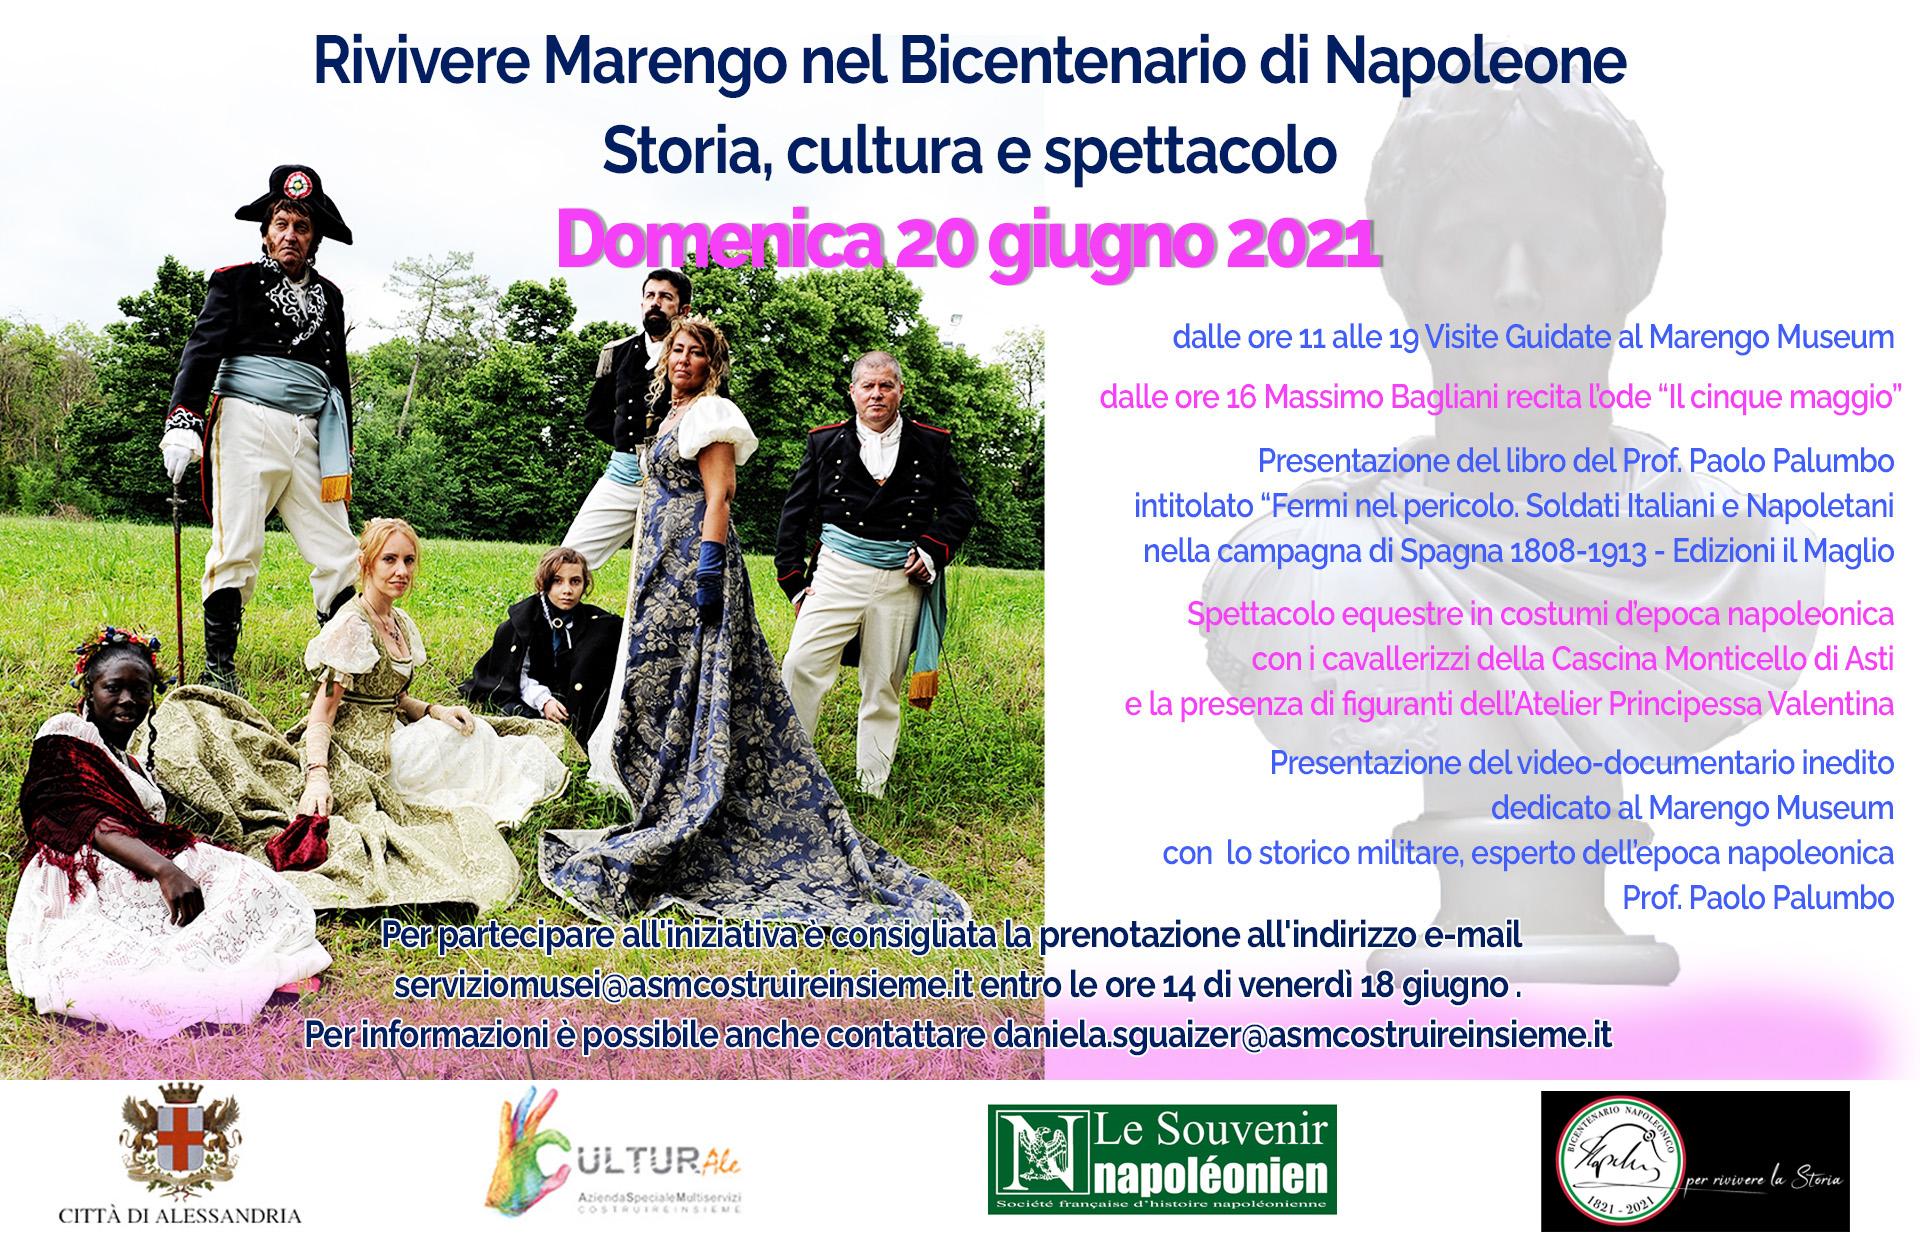 Rivivere Marengo nel bicentenario di Napoleone